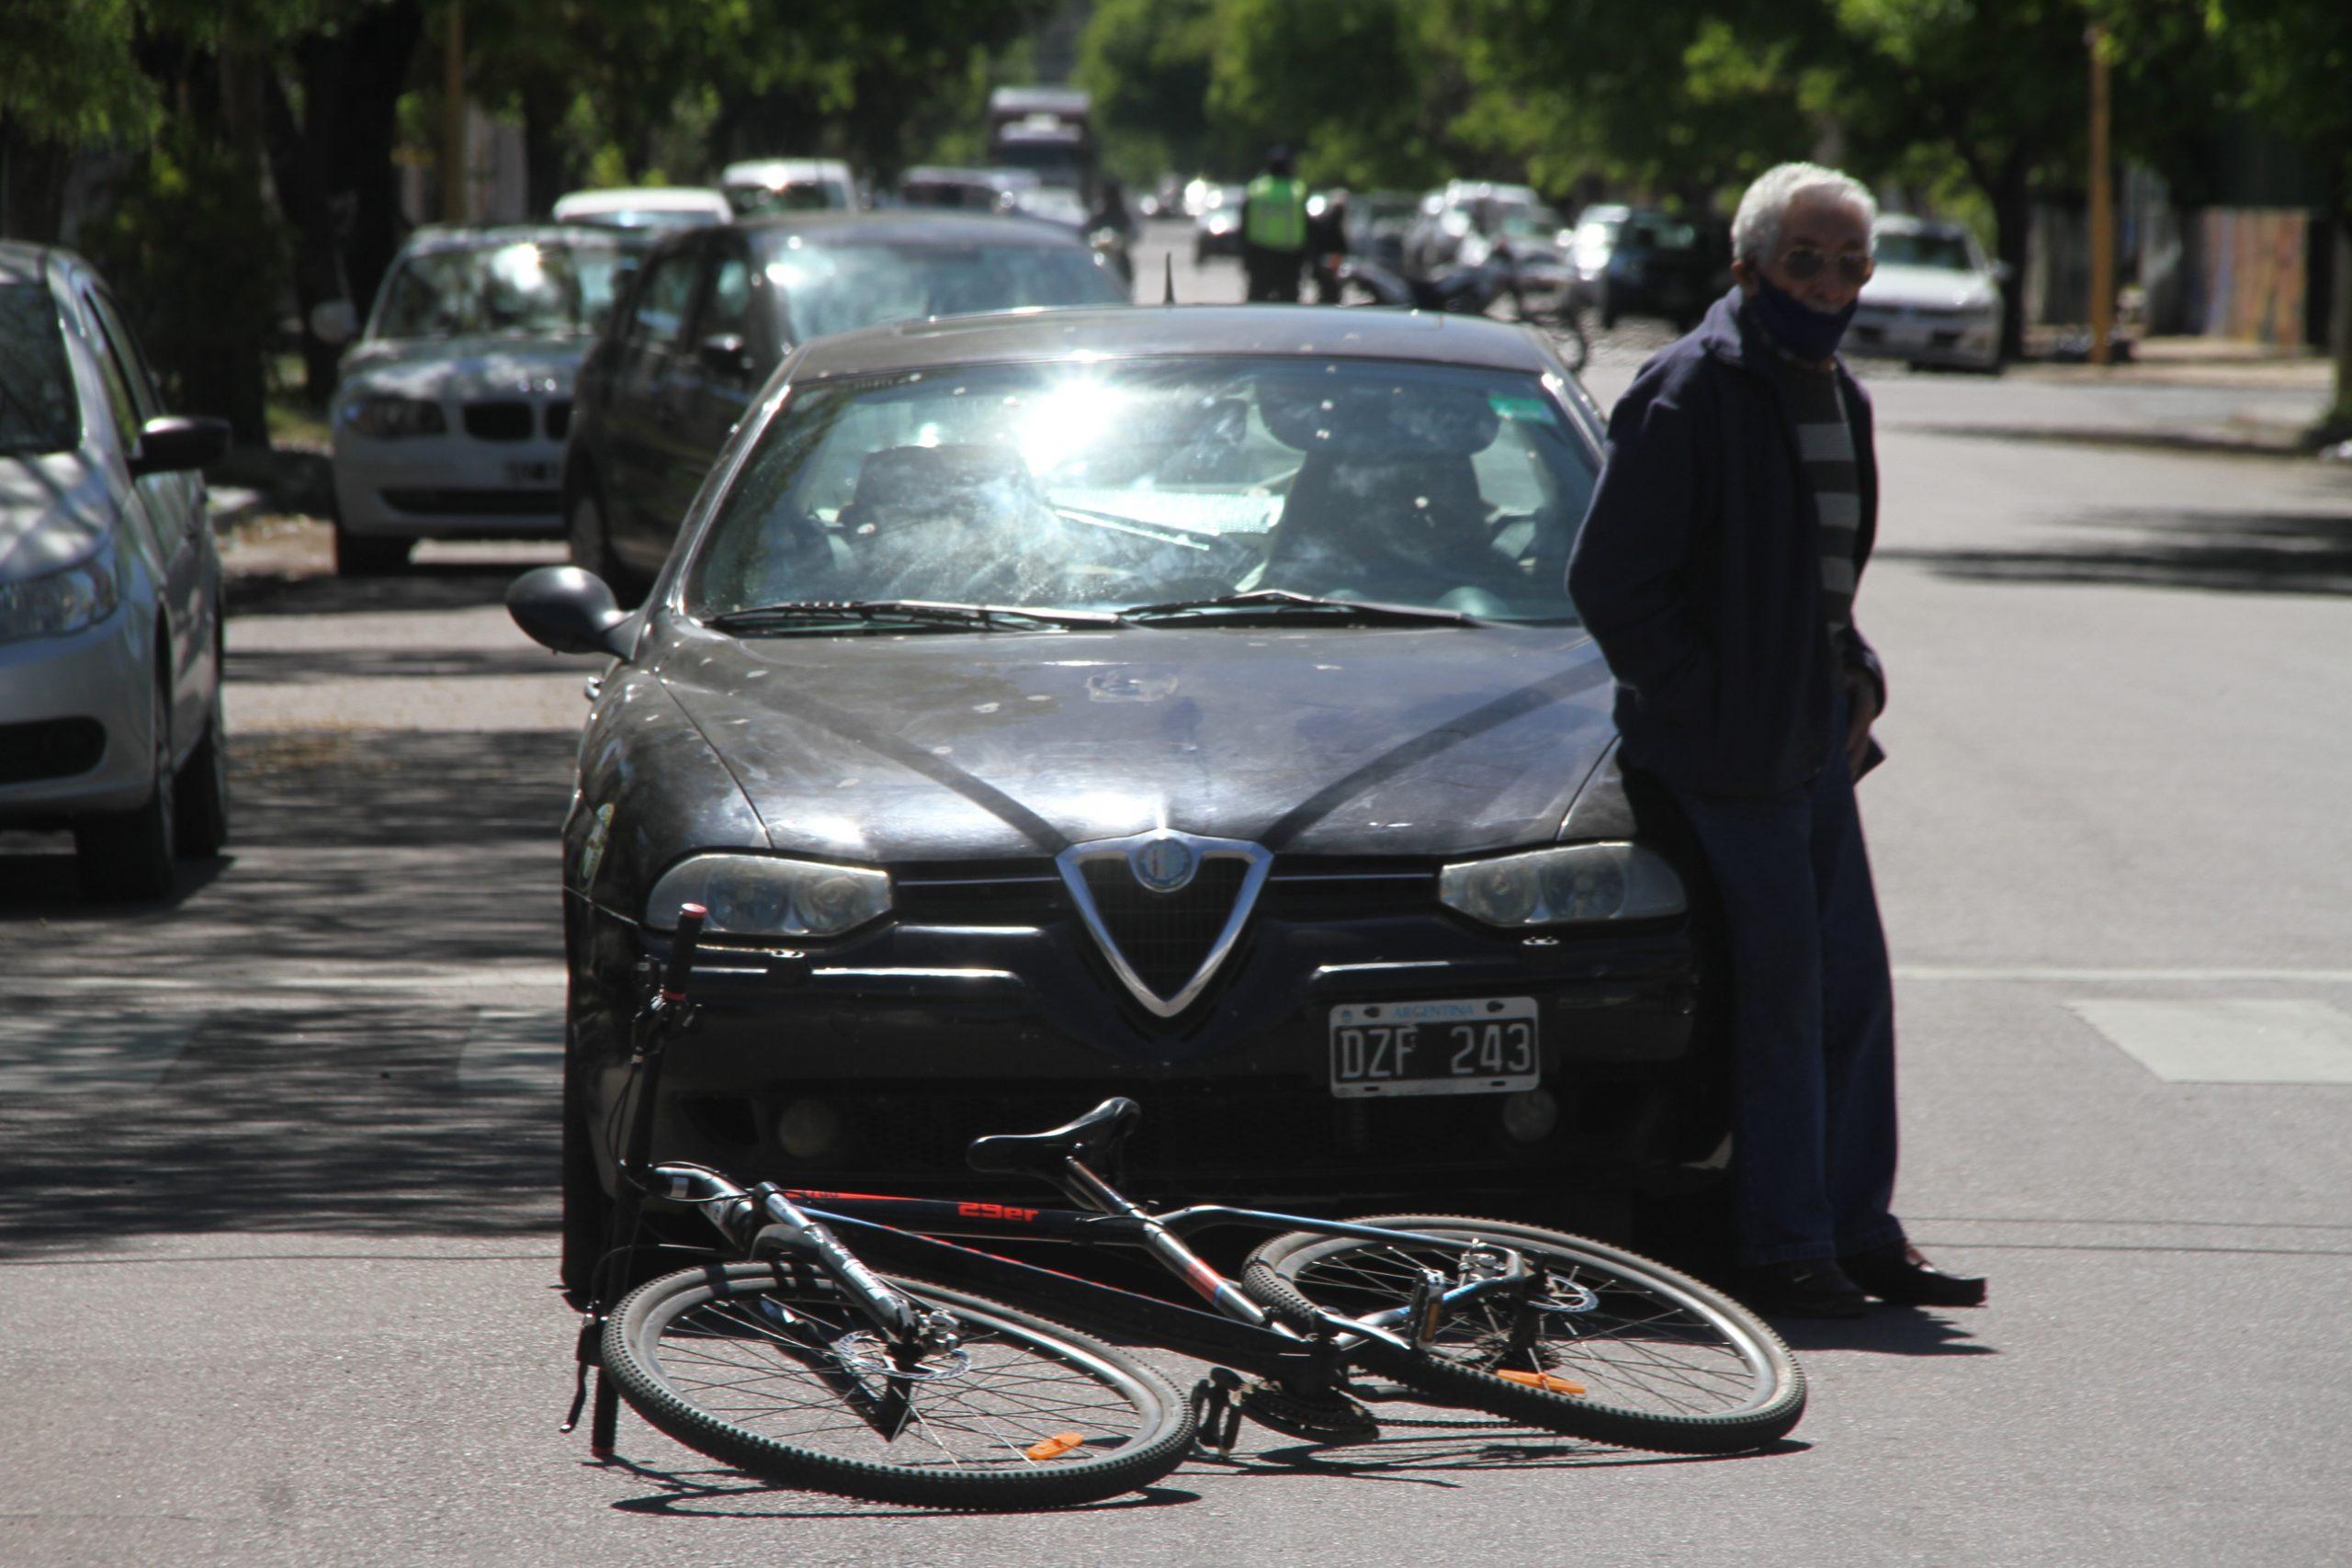 Un ciclista fue hospitalizado tras un siniestro vial con un auto